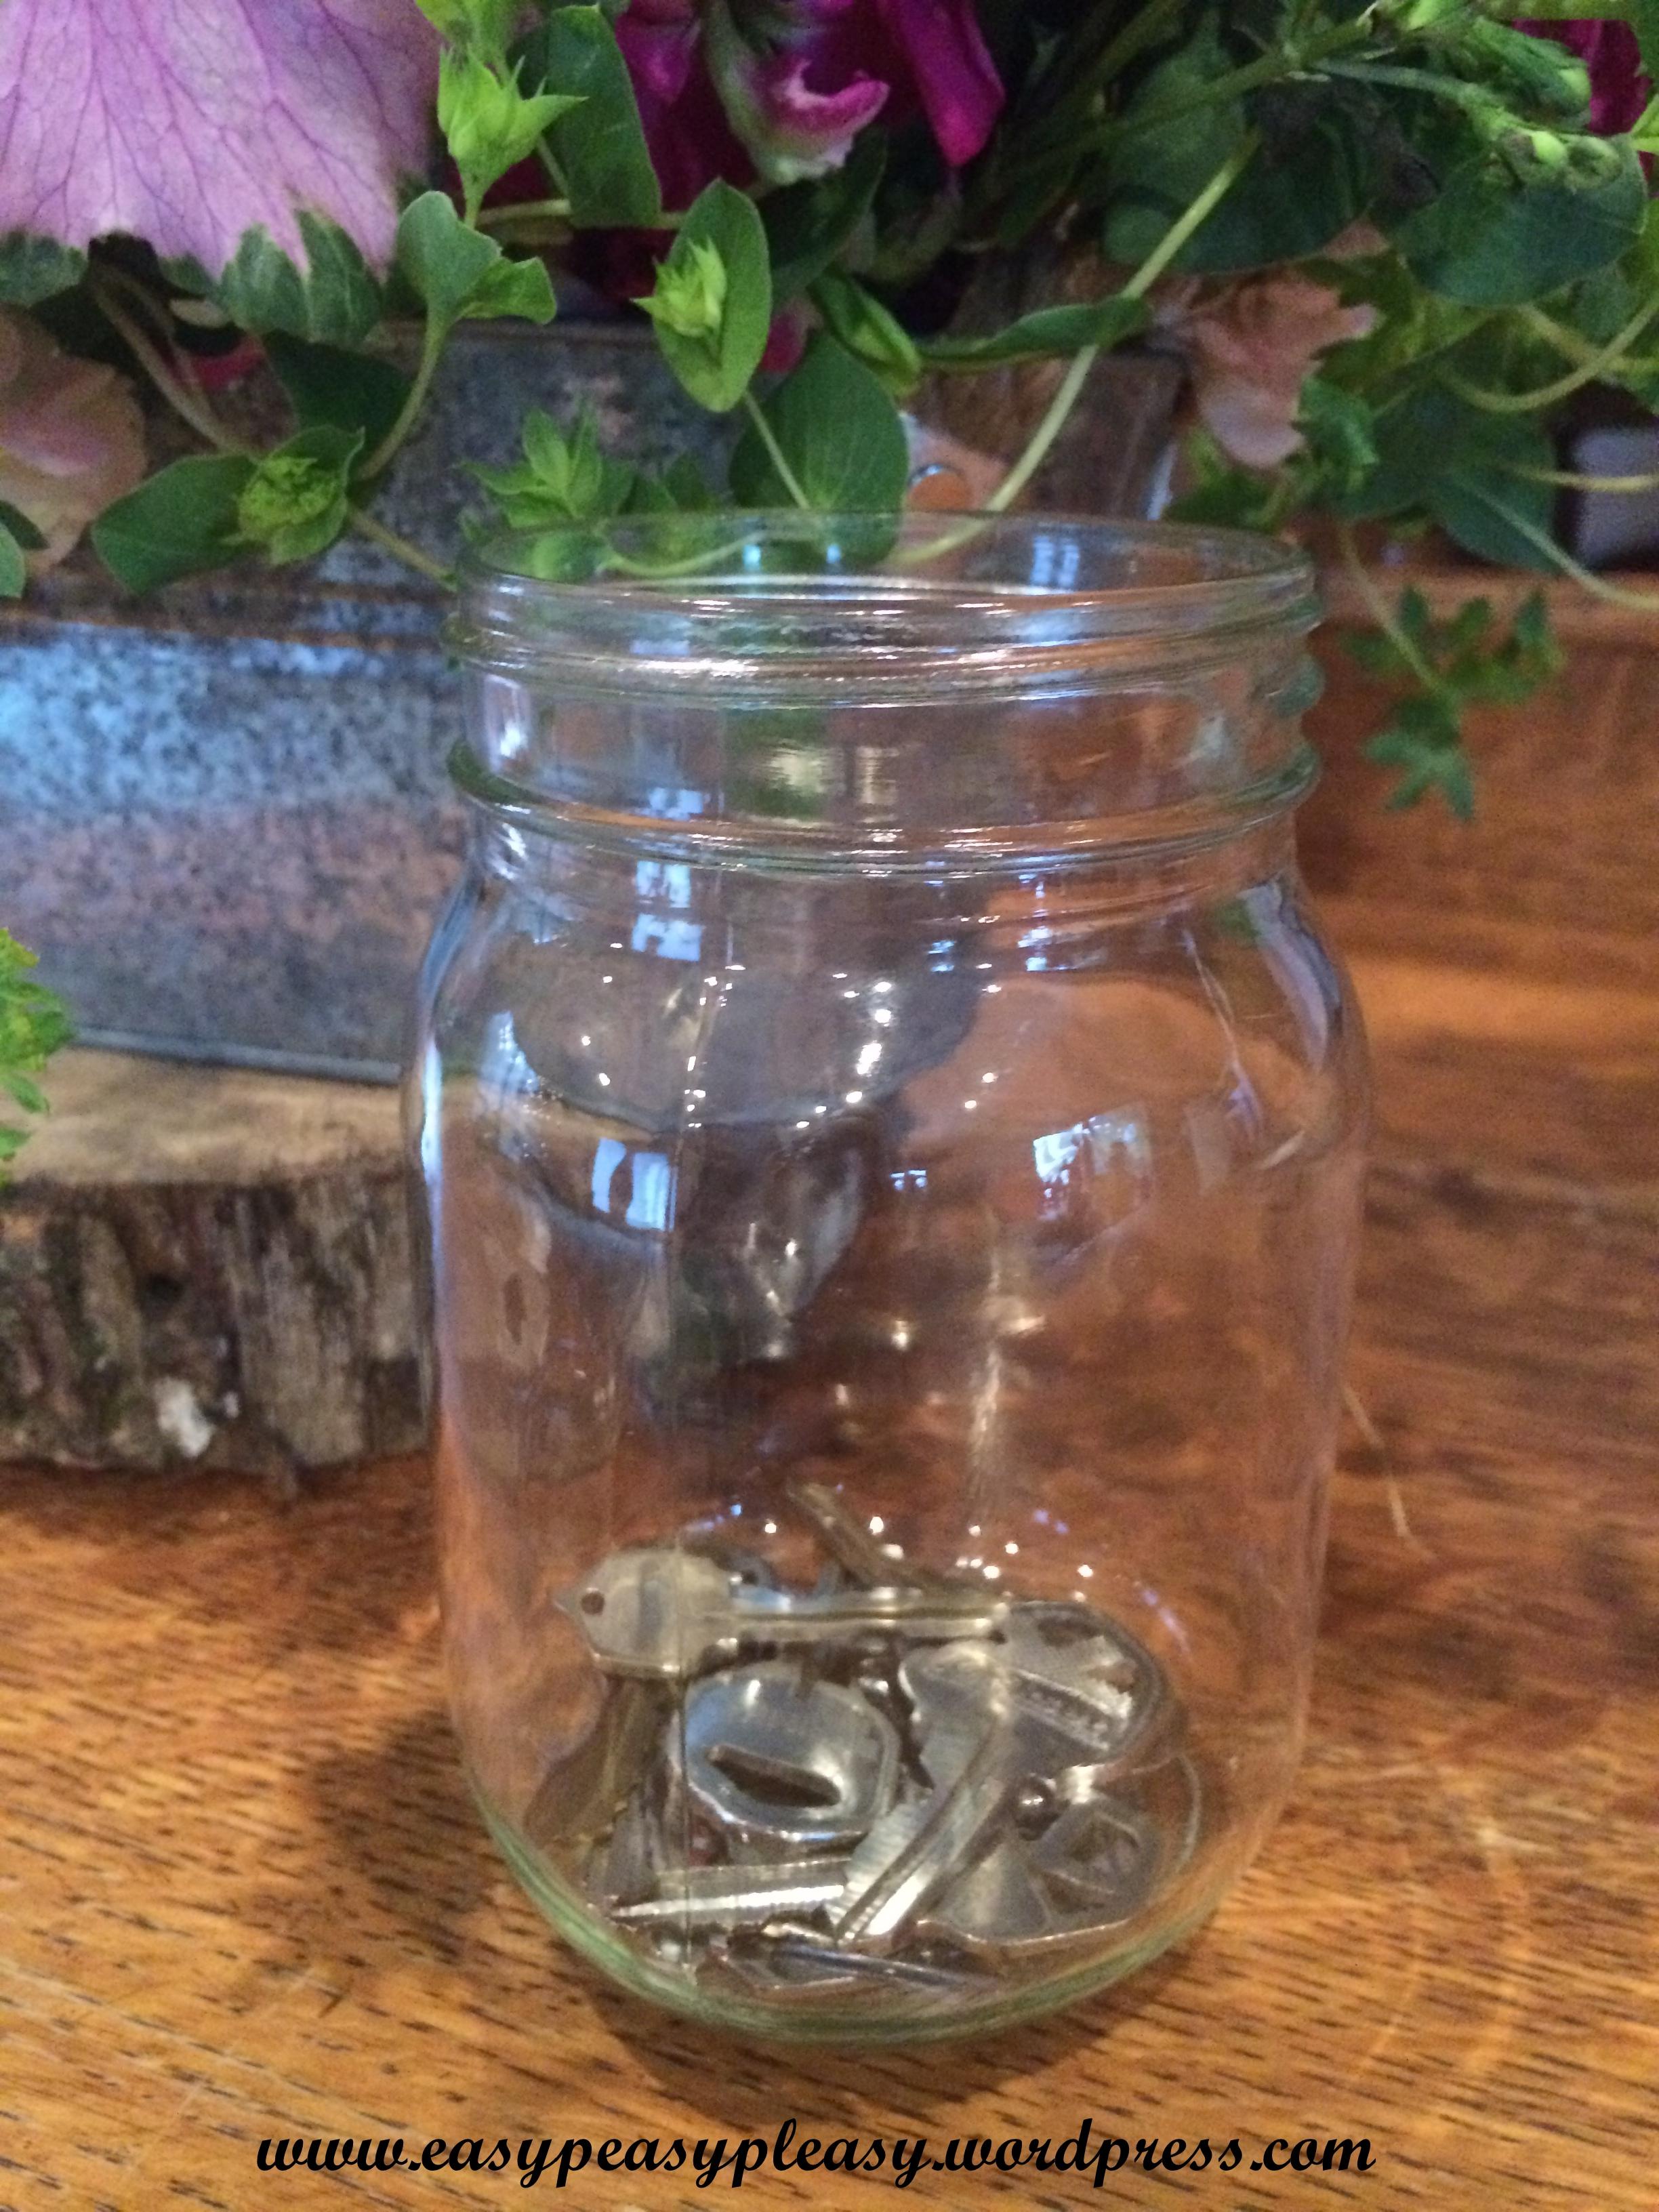 Kevin and Ashley's Wedding Mason Jar of Keys